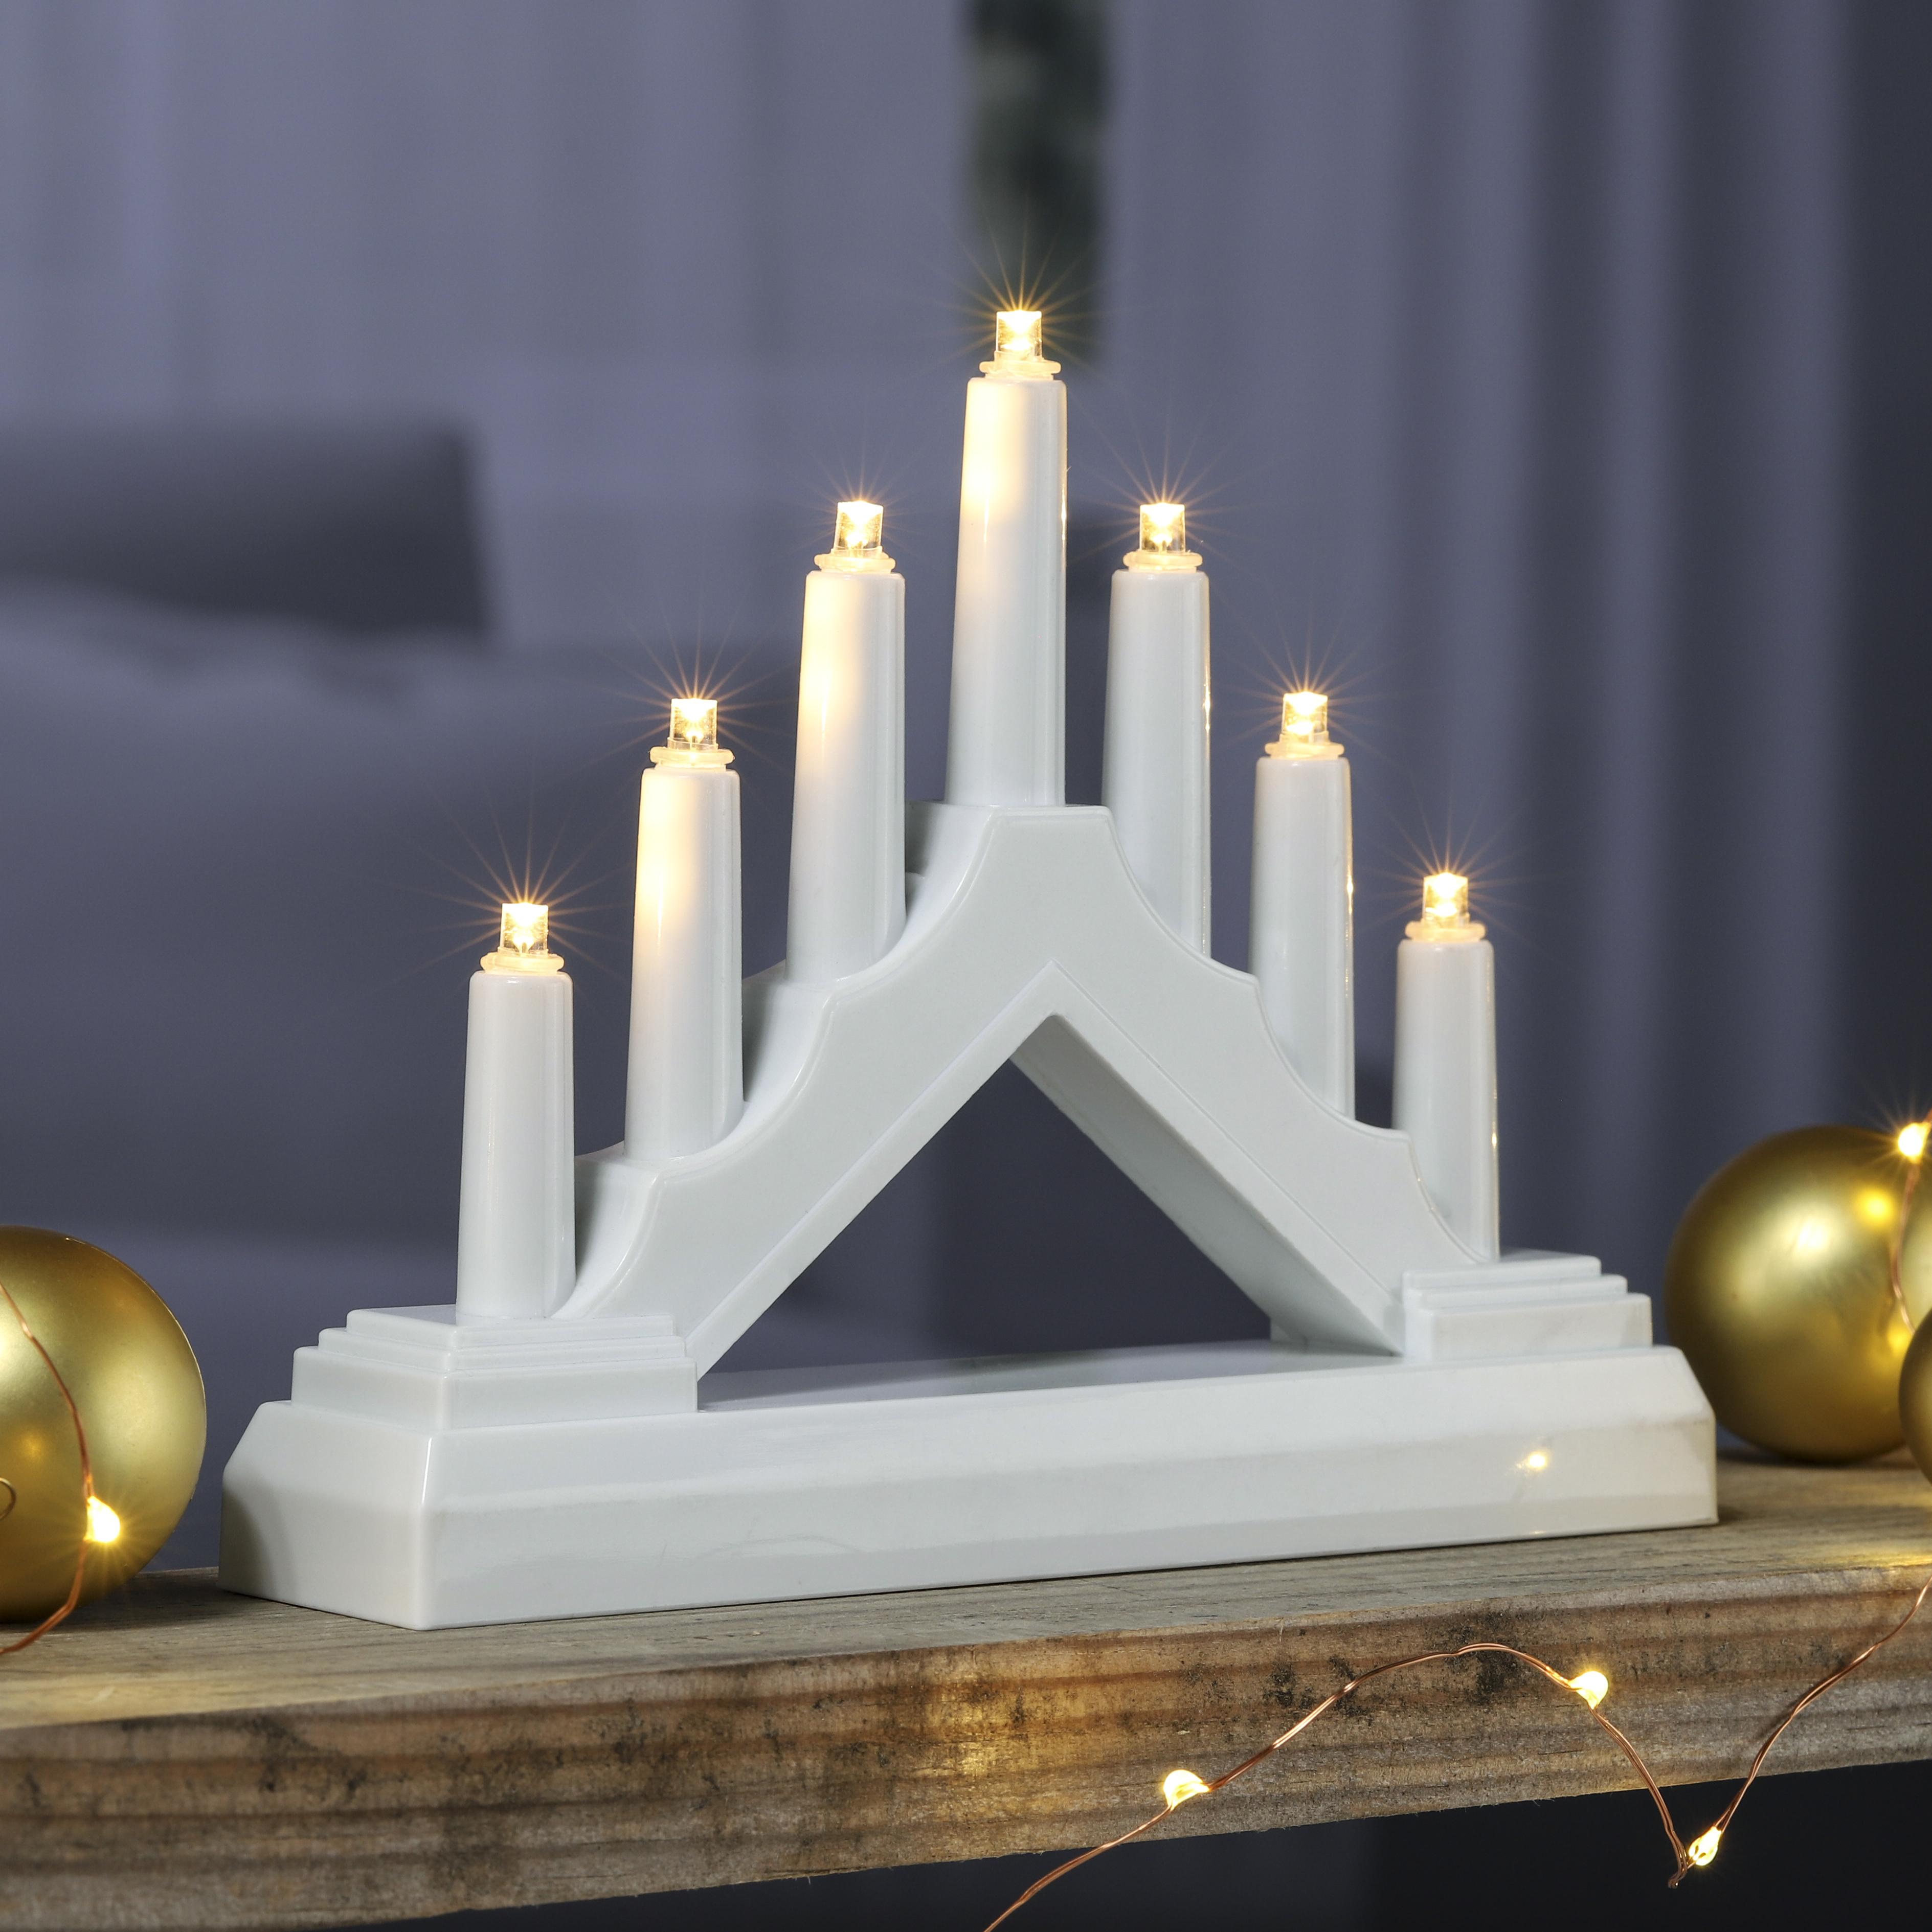 Weihnachtsdeko Auf Raten Kaufen.Details Zu Lichterbogen Kerzenbogen Lichtbogen Elektrisch Weihnachtsdeko 7 Led Warm Weiß